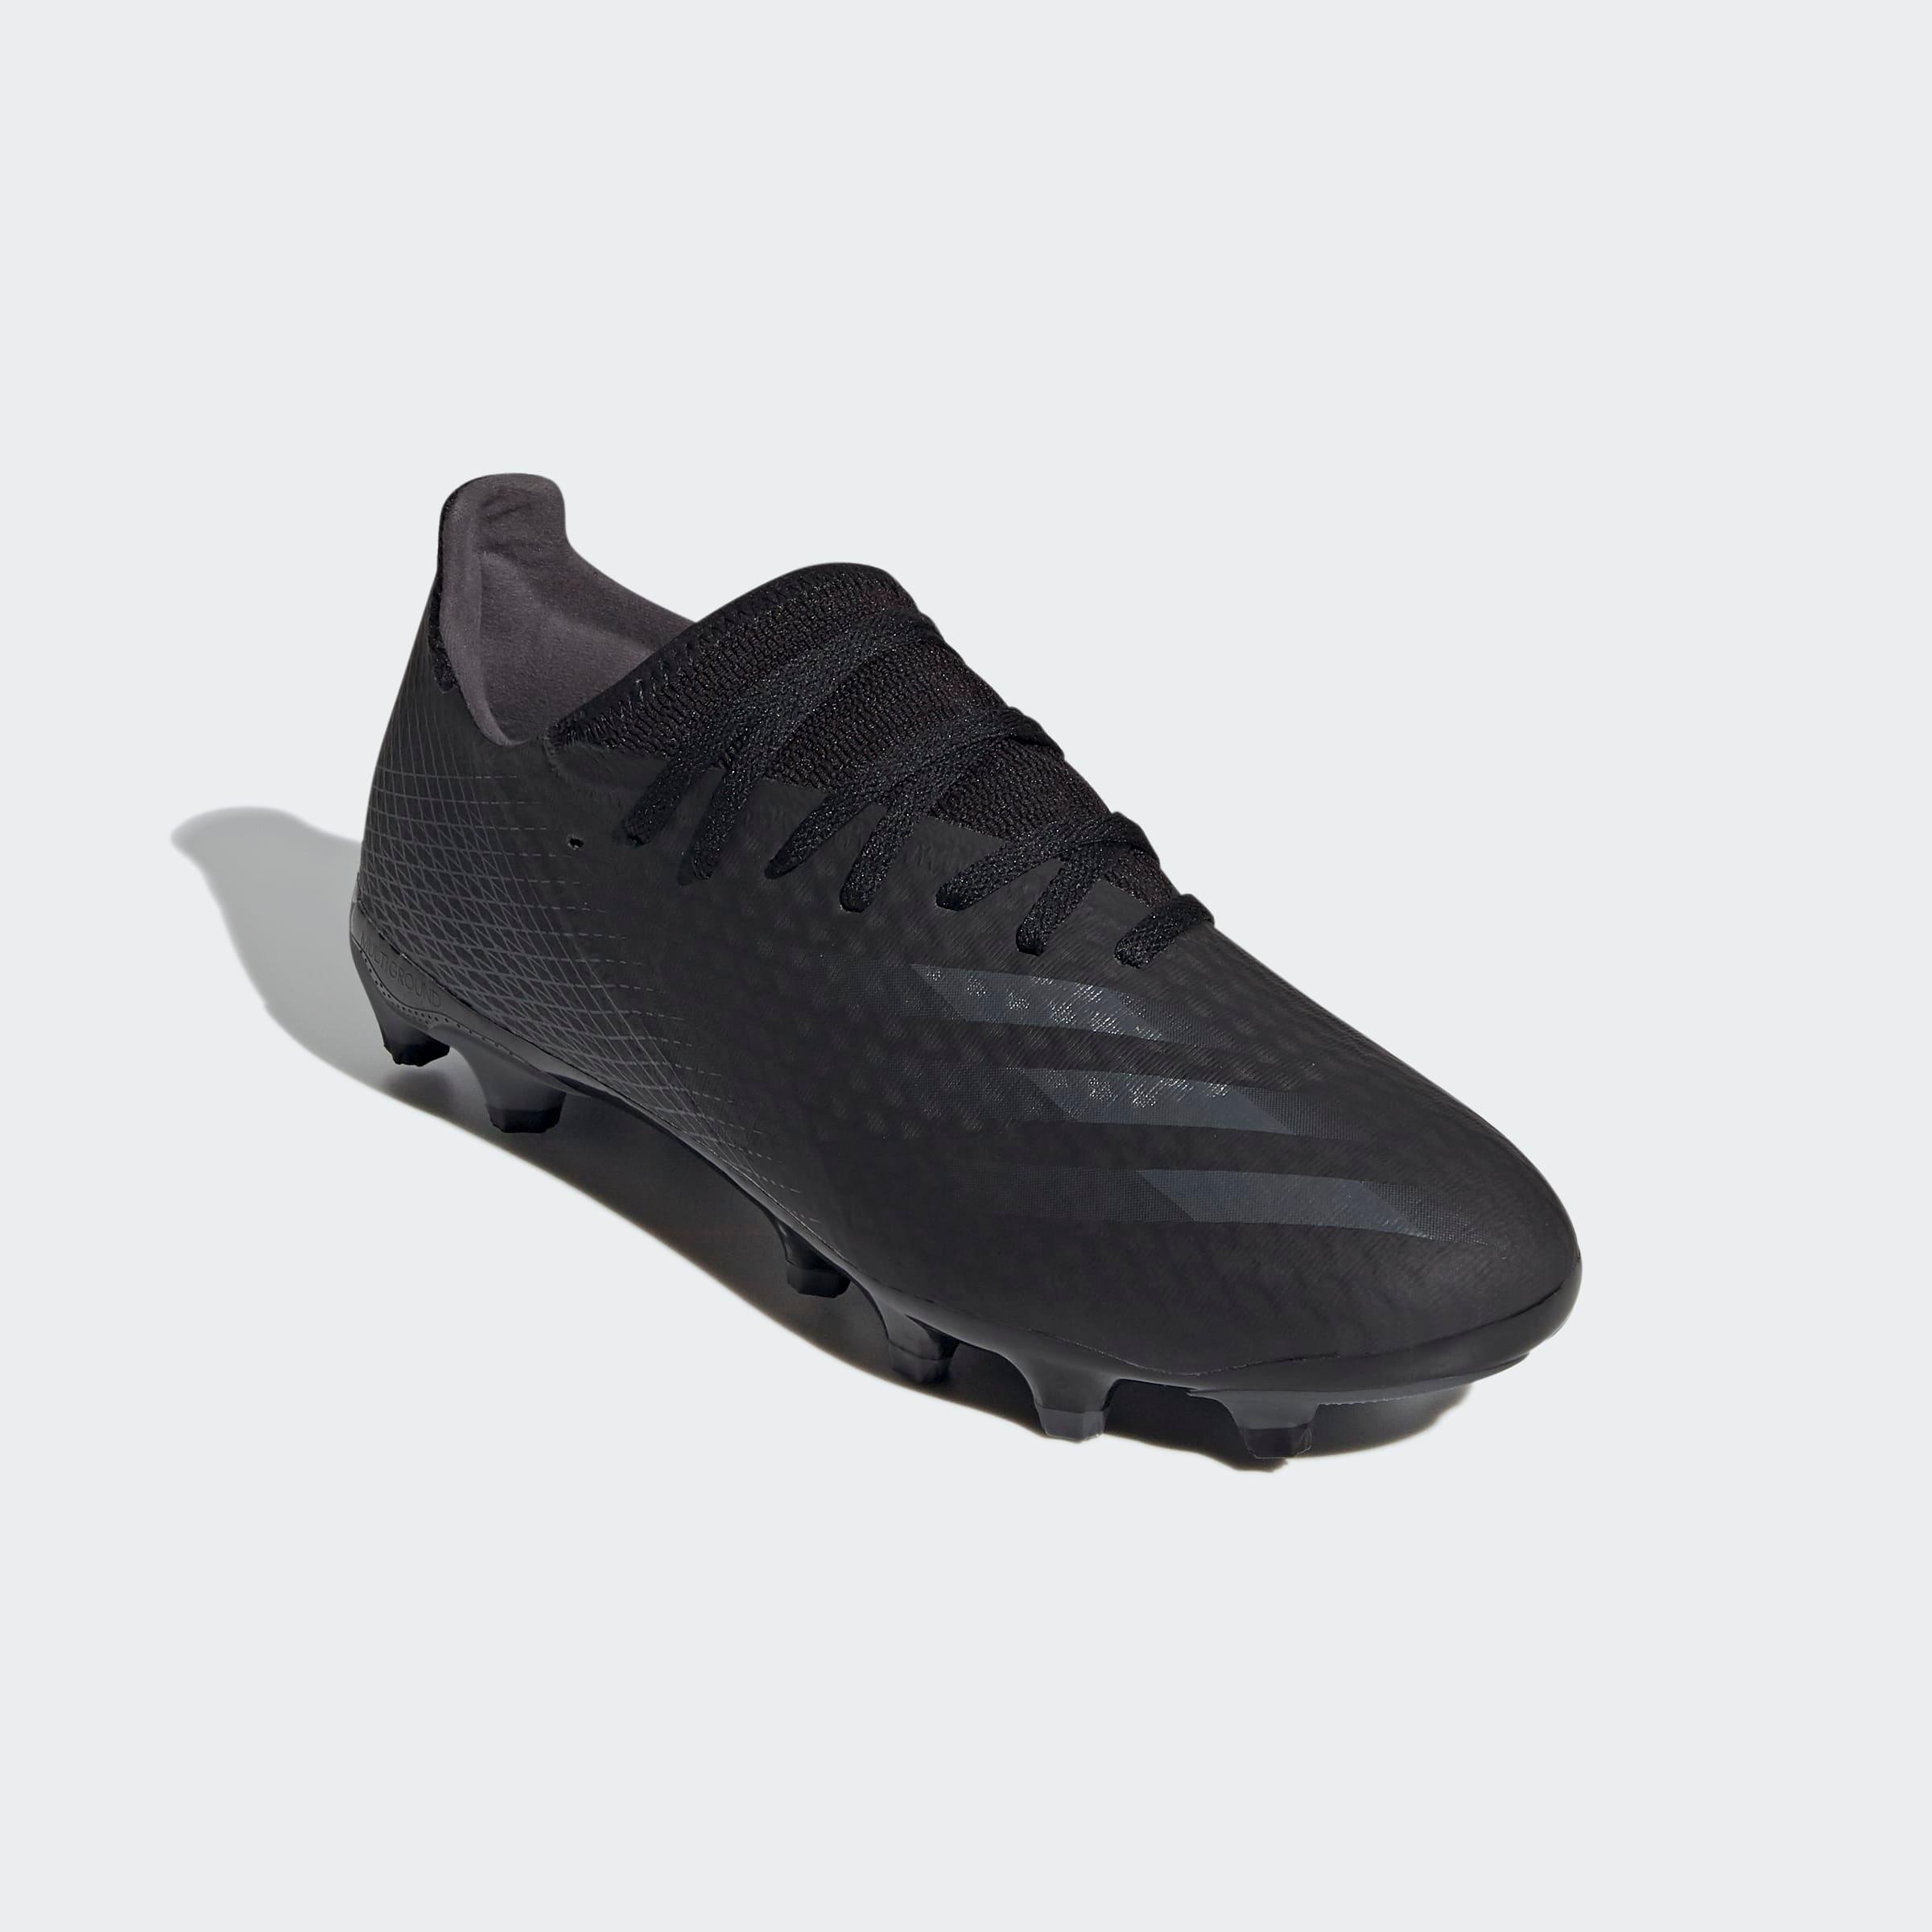 adidas Performance voetbalschoenen X GHOSTED 3 MG goedkoop op otto.nl kopen